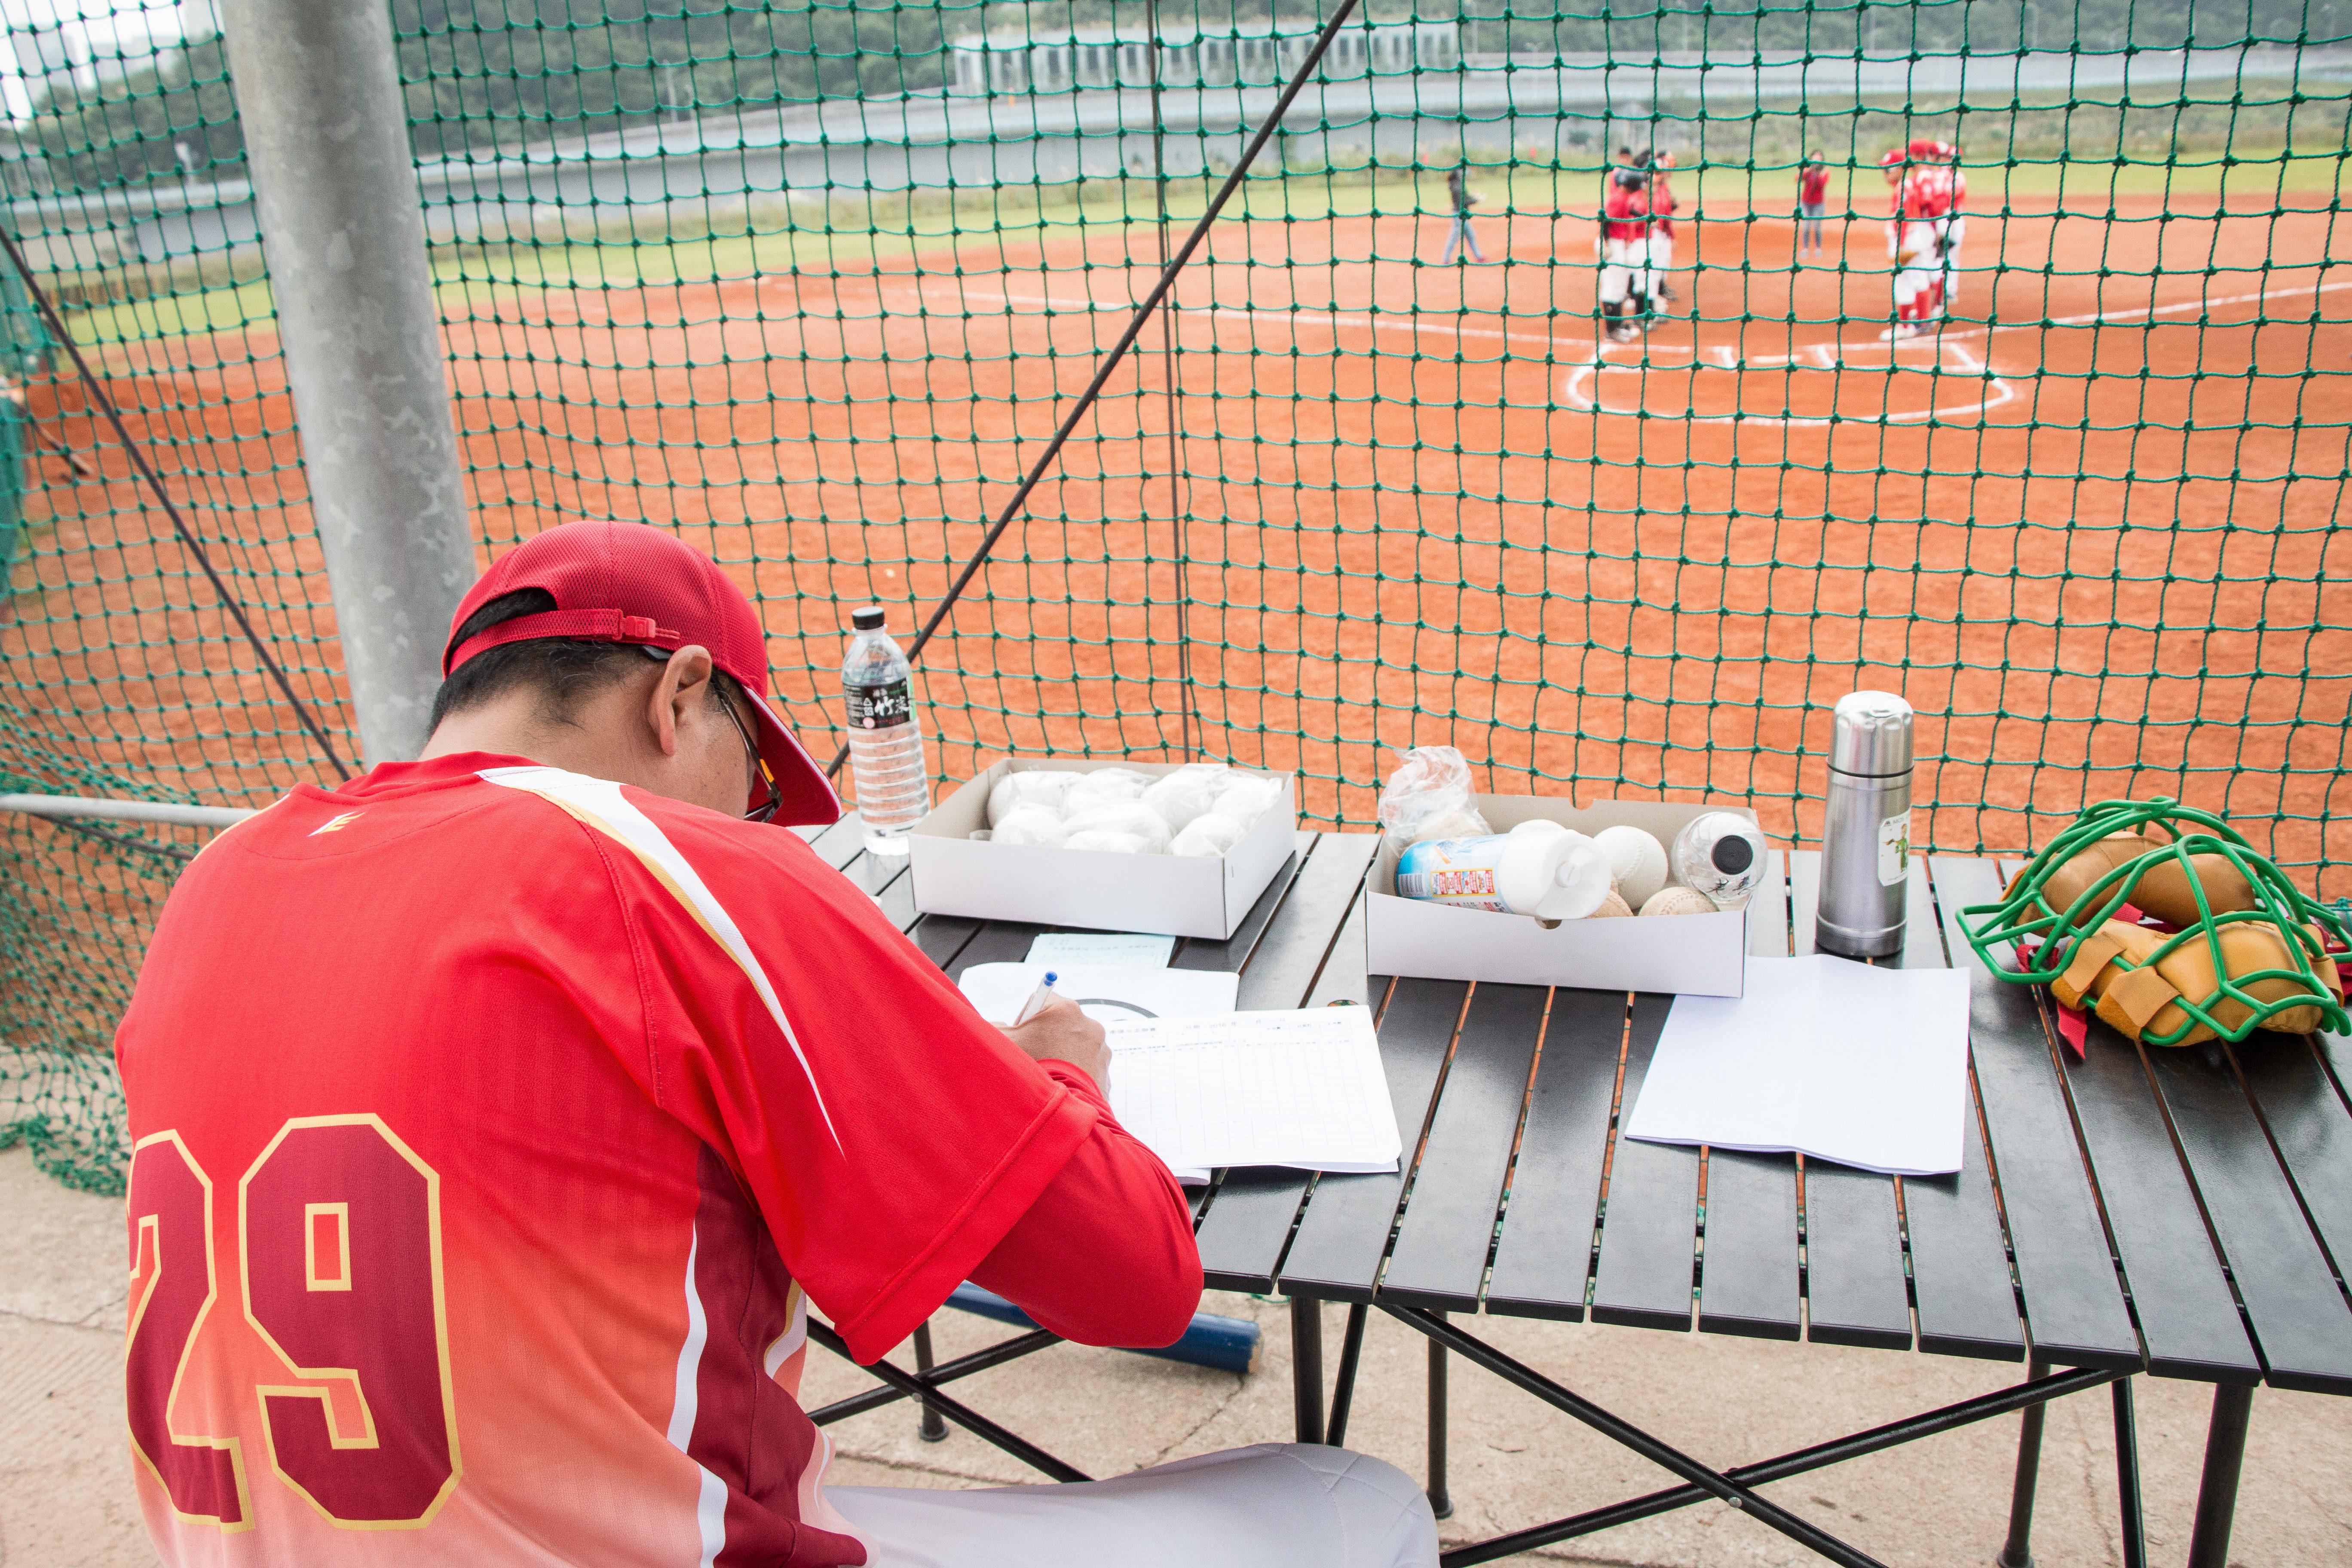 棒球隊人手不足,教練還得充當球員成績紀錄員。攝影/李振均